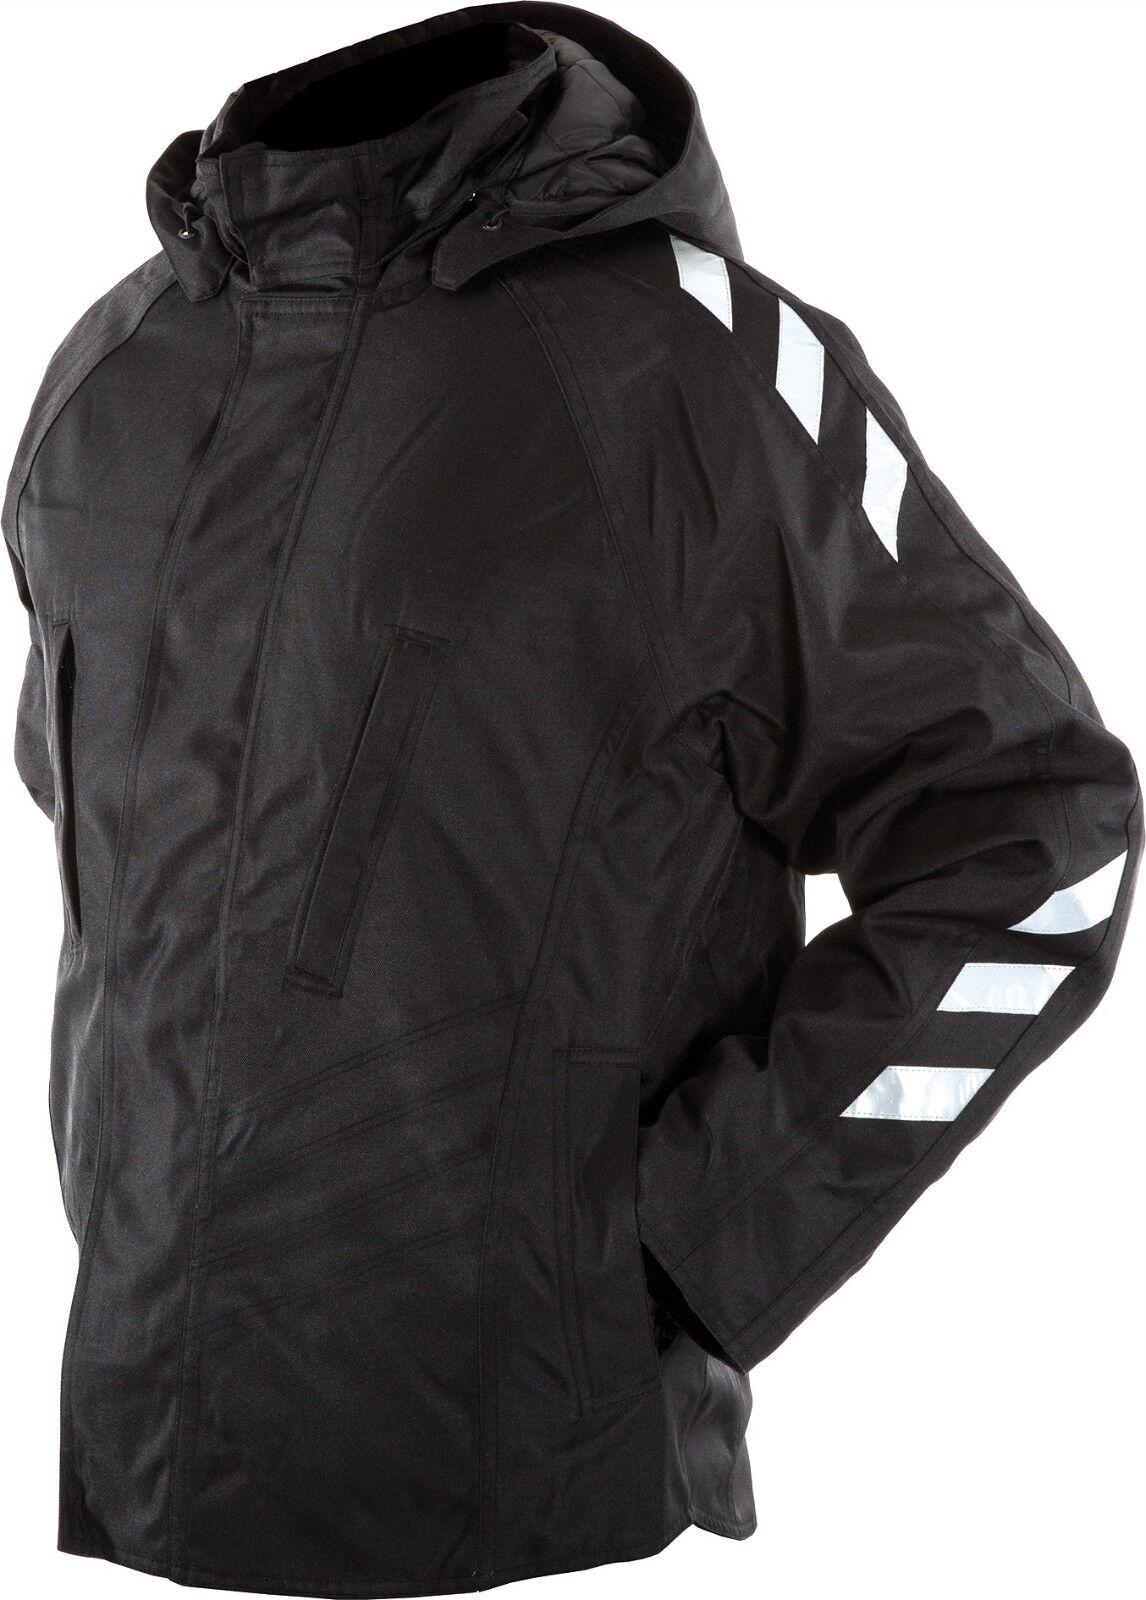 JOB-vêtements TEX d'hiver-Veste Trêves Veste Veste d'hiver Travail Veste Veste Outdoor Veste 2009 2bc219